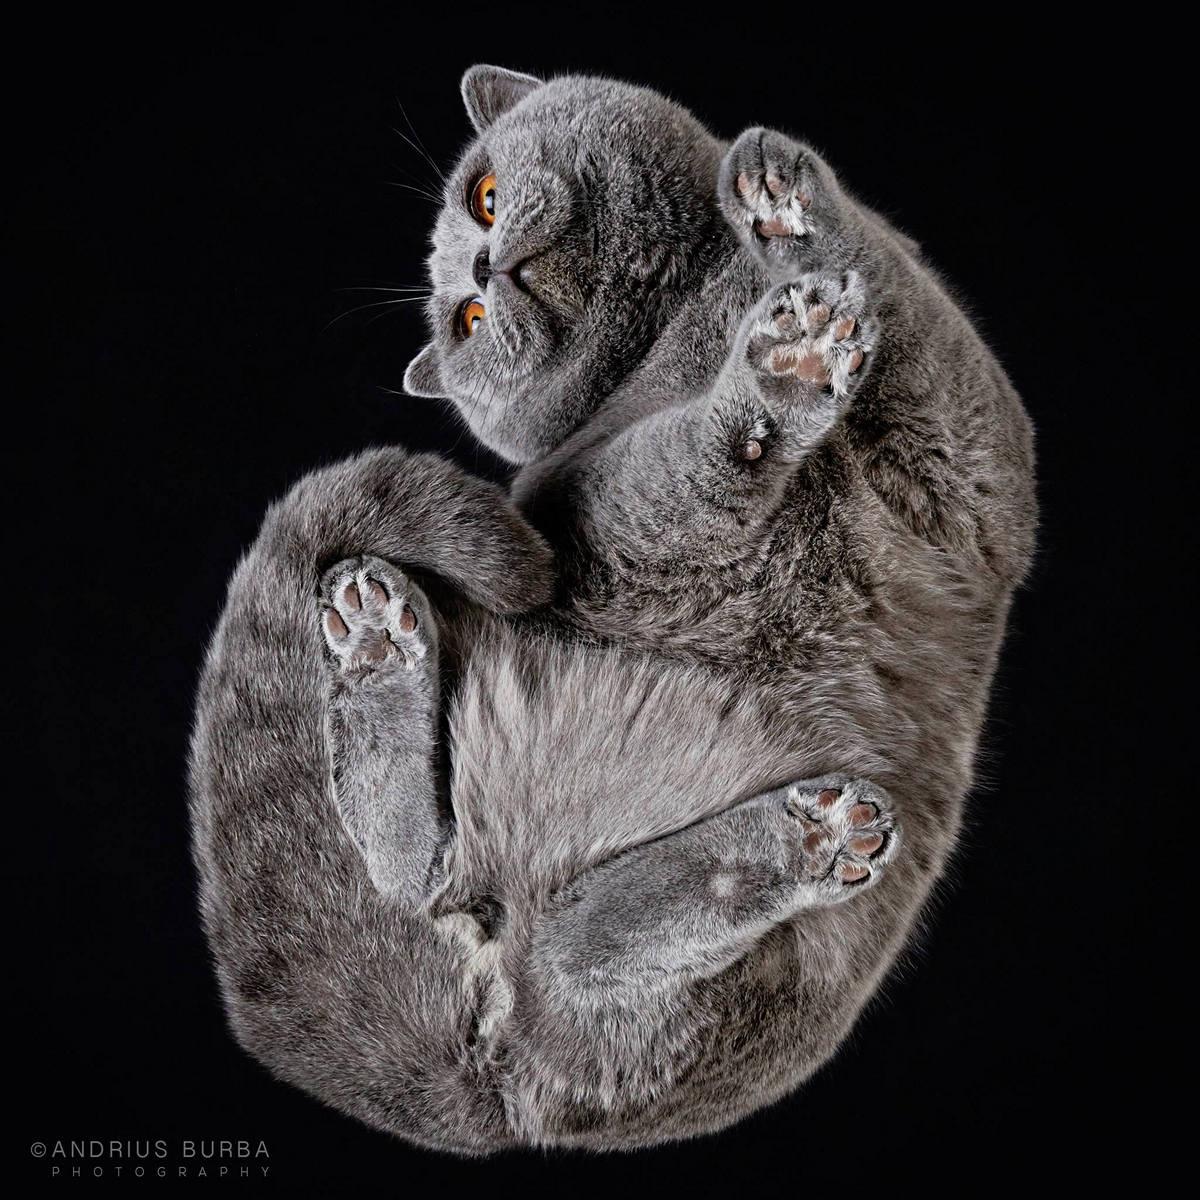 «Взгляд снизу»: чудные фотографии животных в проекте Андриуса Бурбы 29